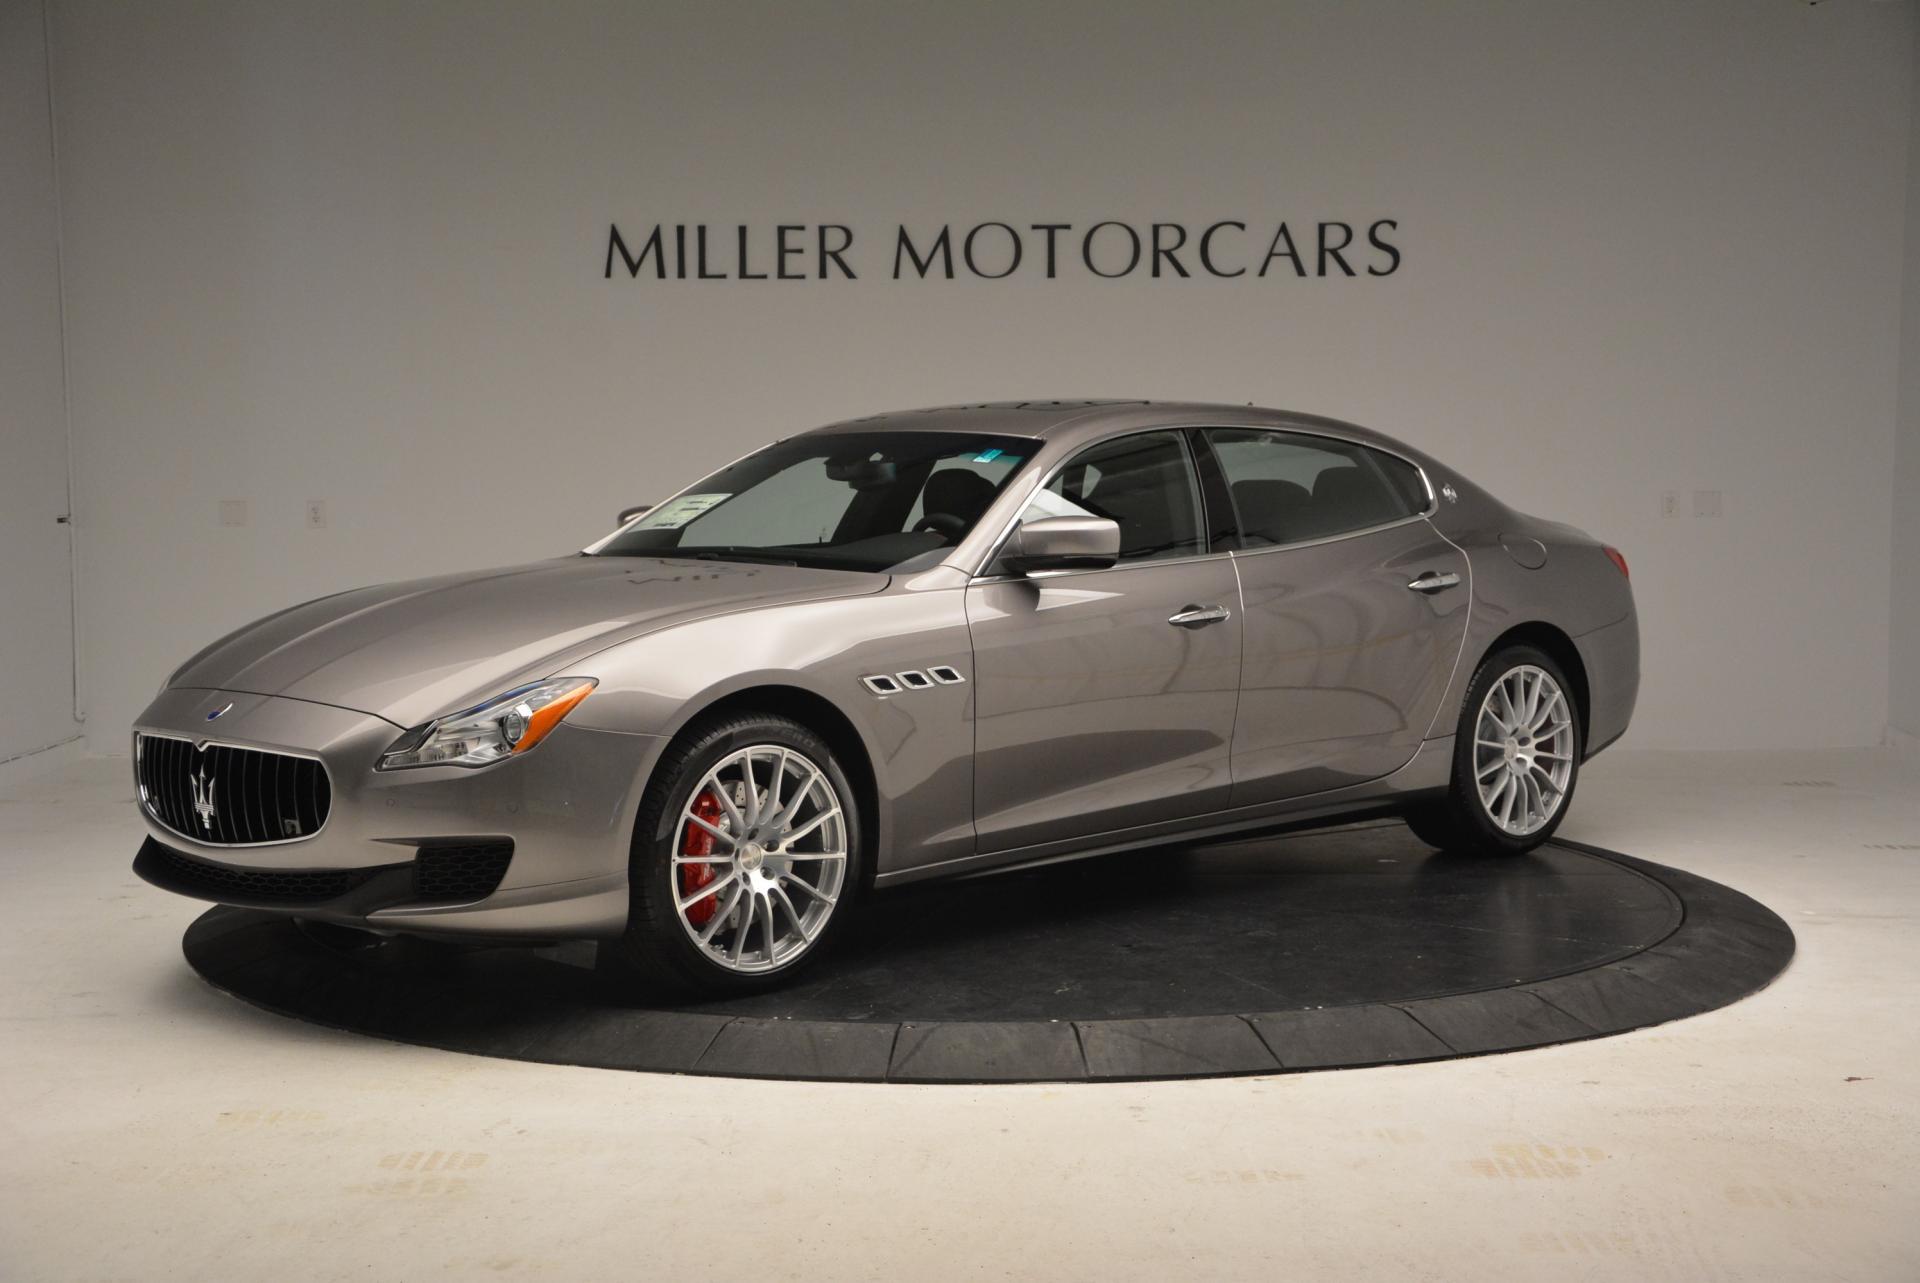 New 2016 Maserati Quattroporte S Q4 For Sale In Greenwich, CT 189_p4